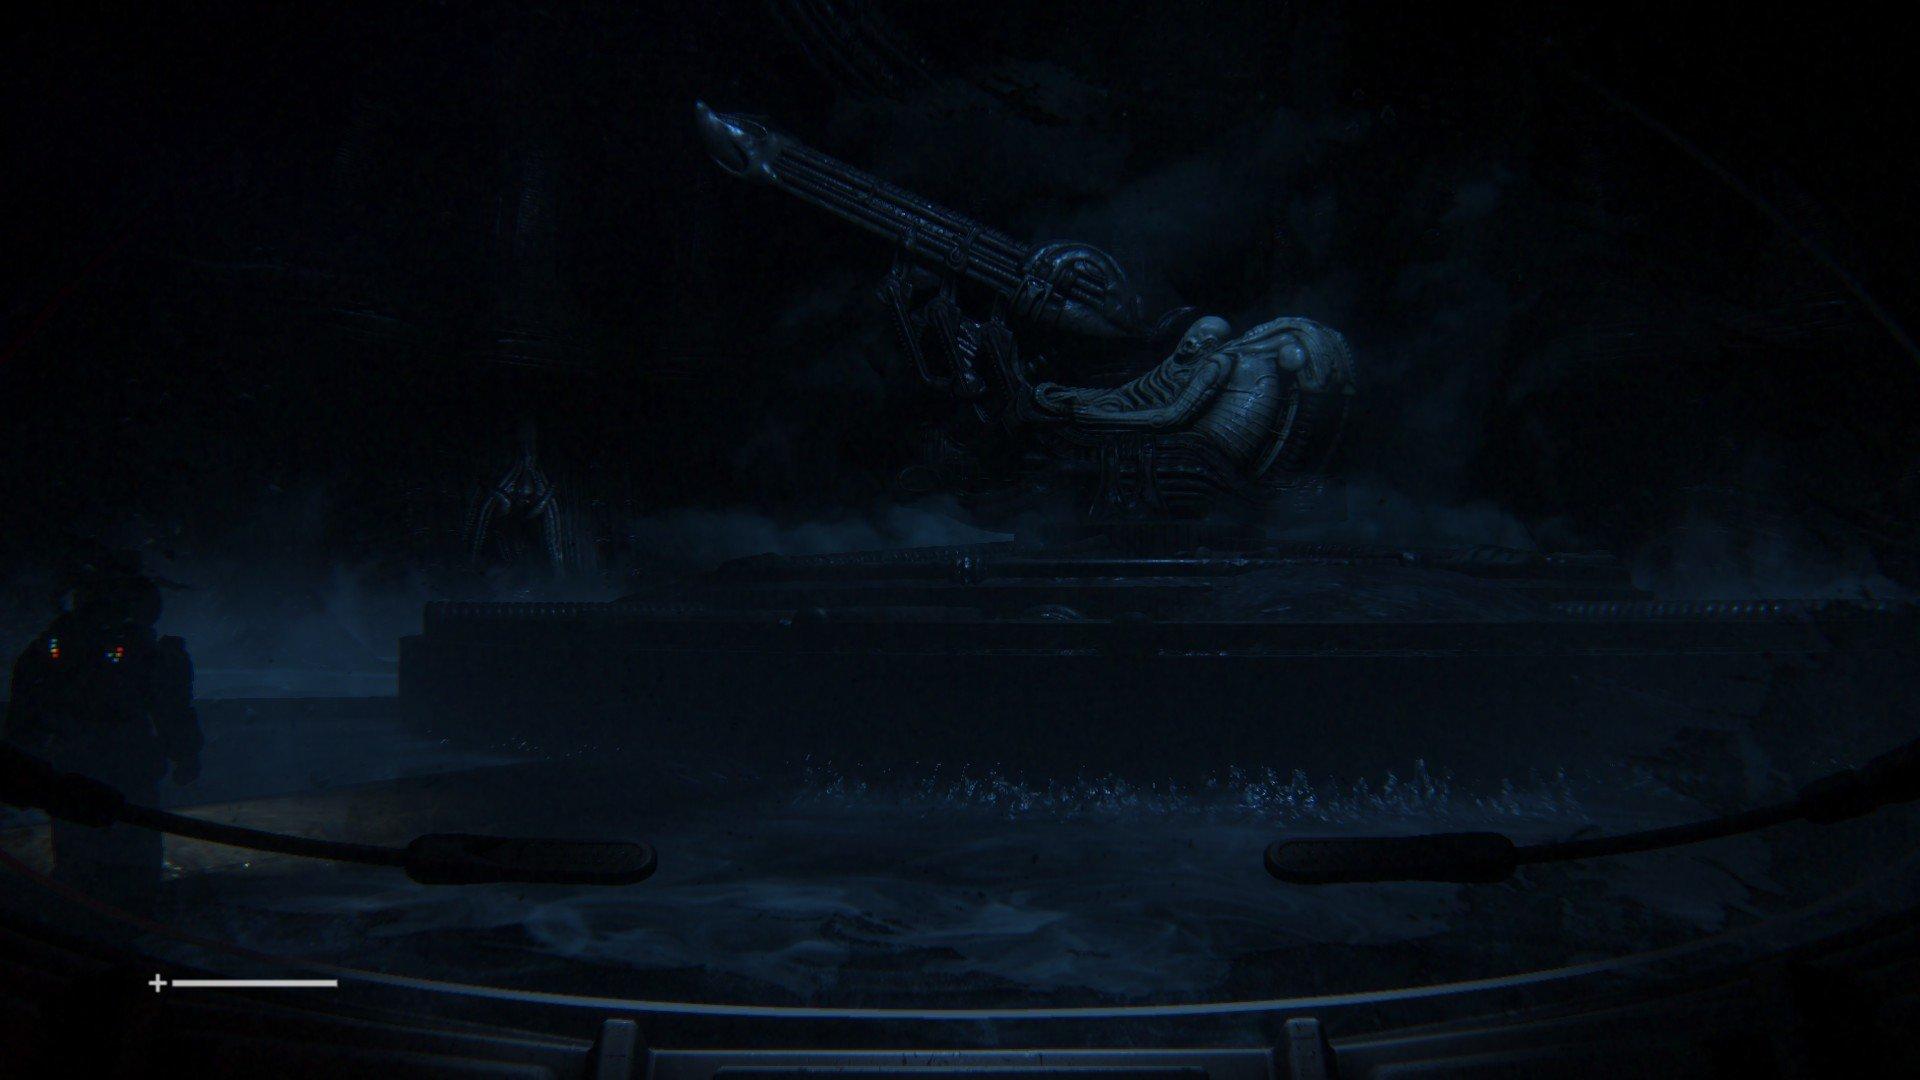 Самые атмосферные моменты в играх - Изображение 1